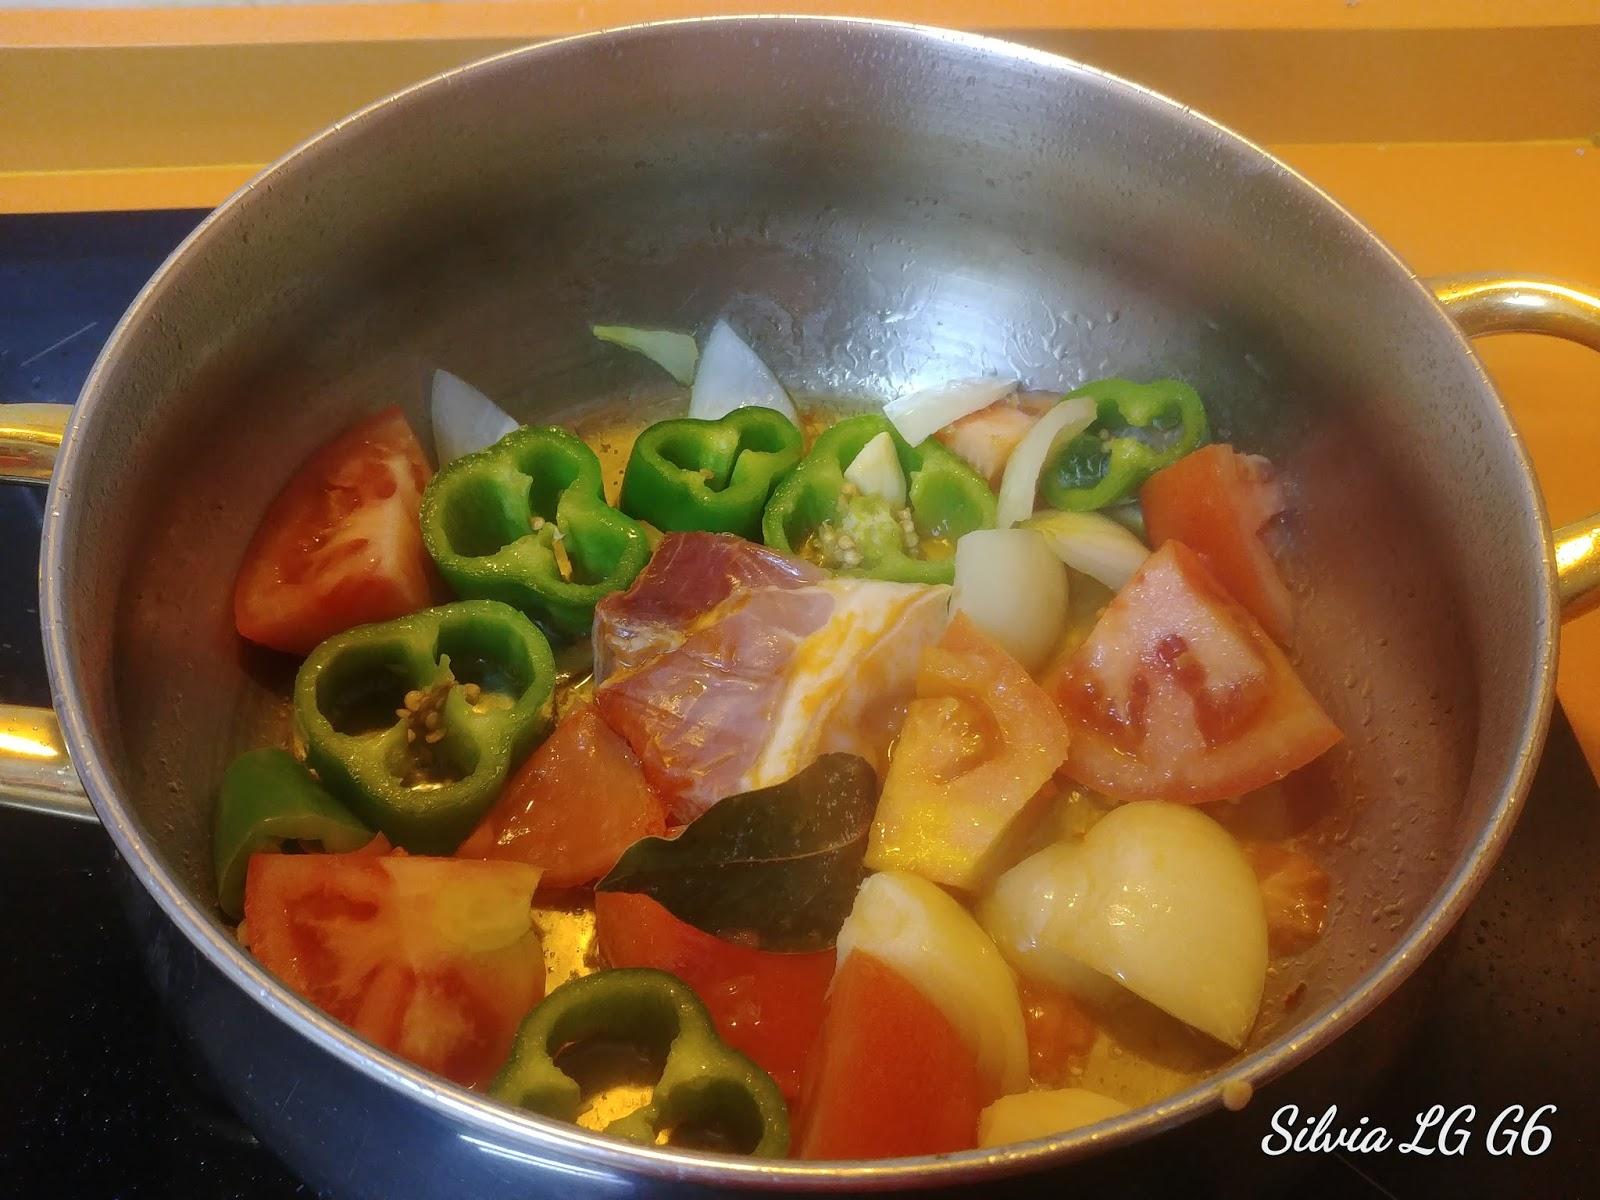 La cocina f cil de silvia potaje de alubias pintas con arroz for Como cocinar alubias pintas